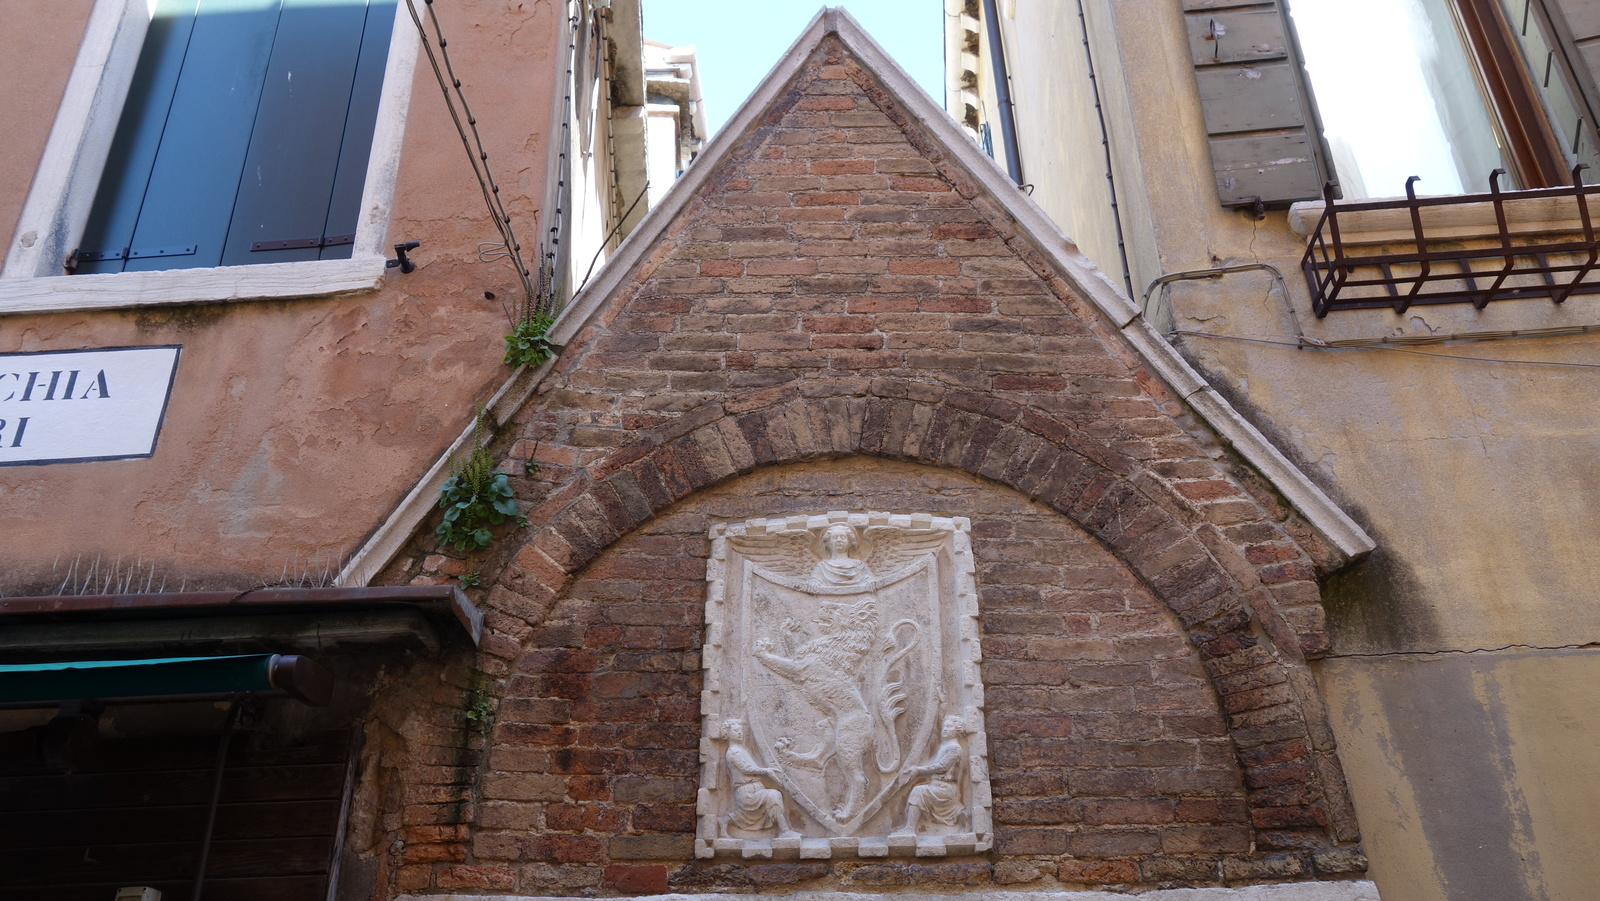 013 - Verso San Giacomo dell'Orio